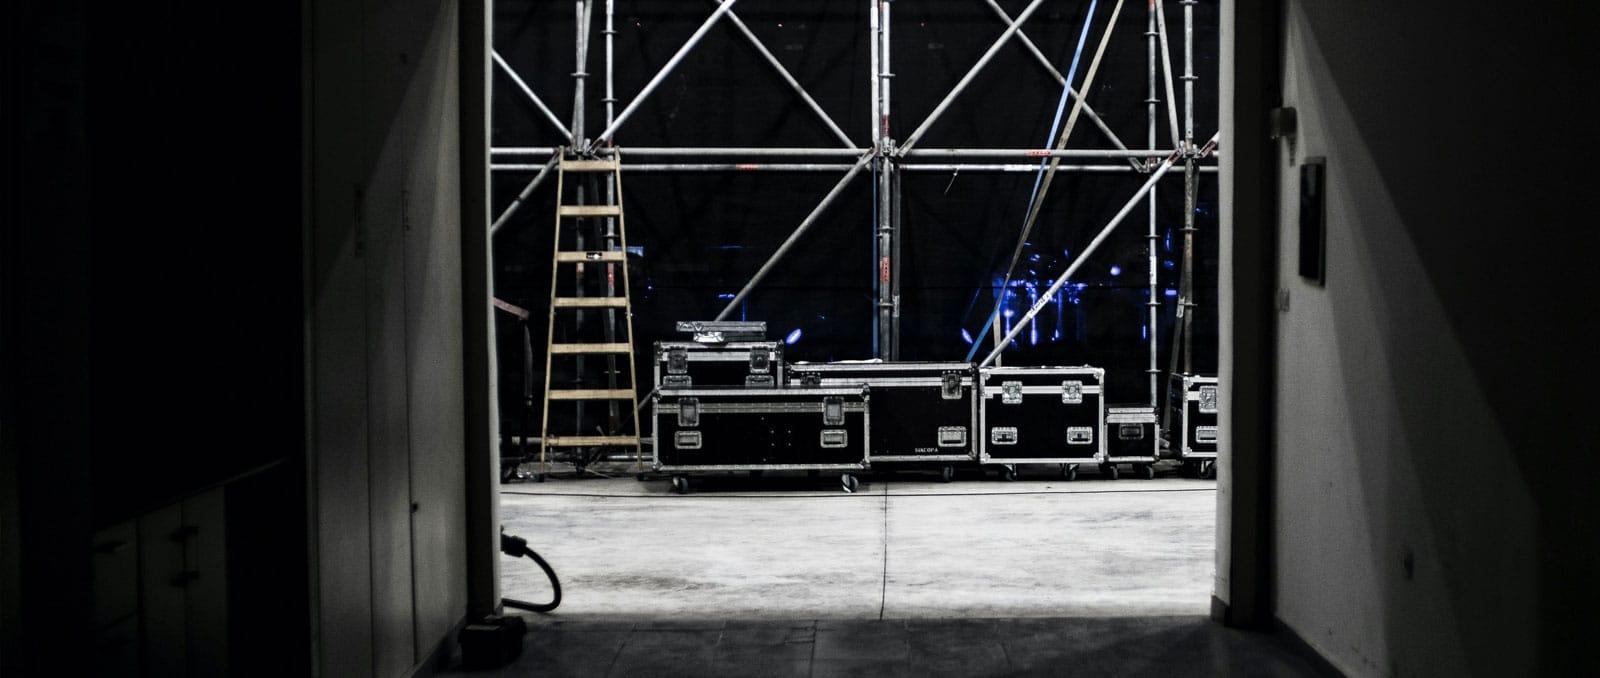 slider-stage-equipment